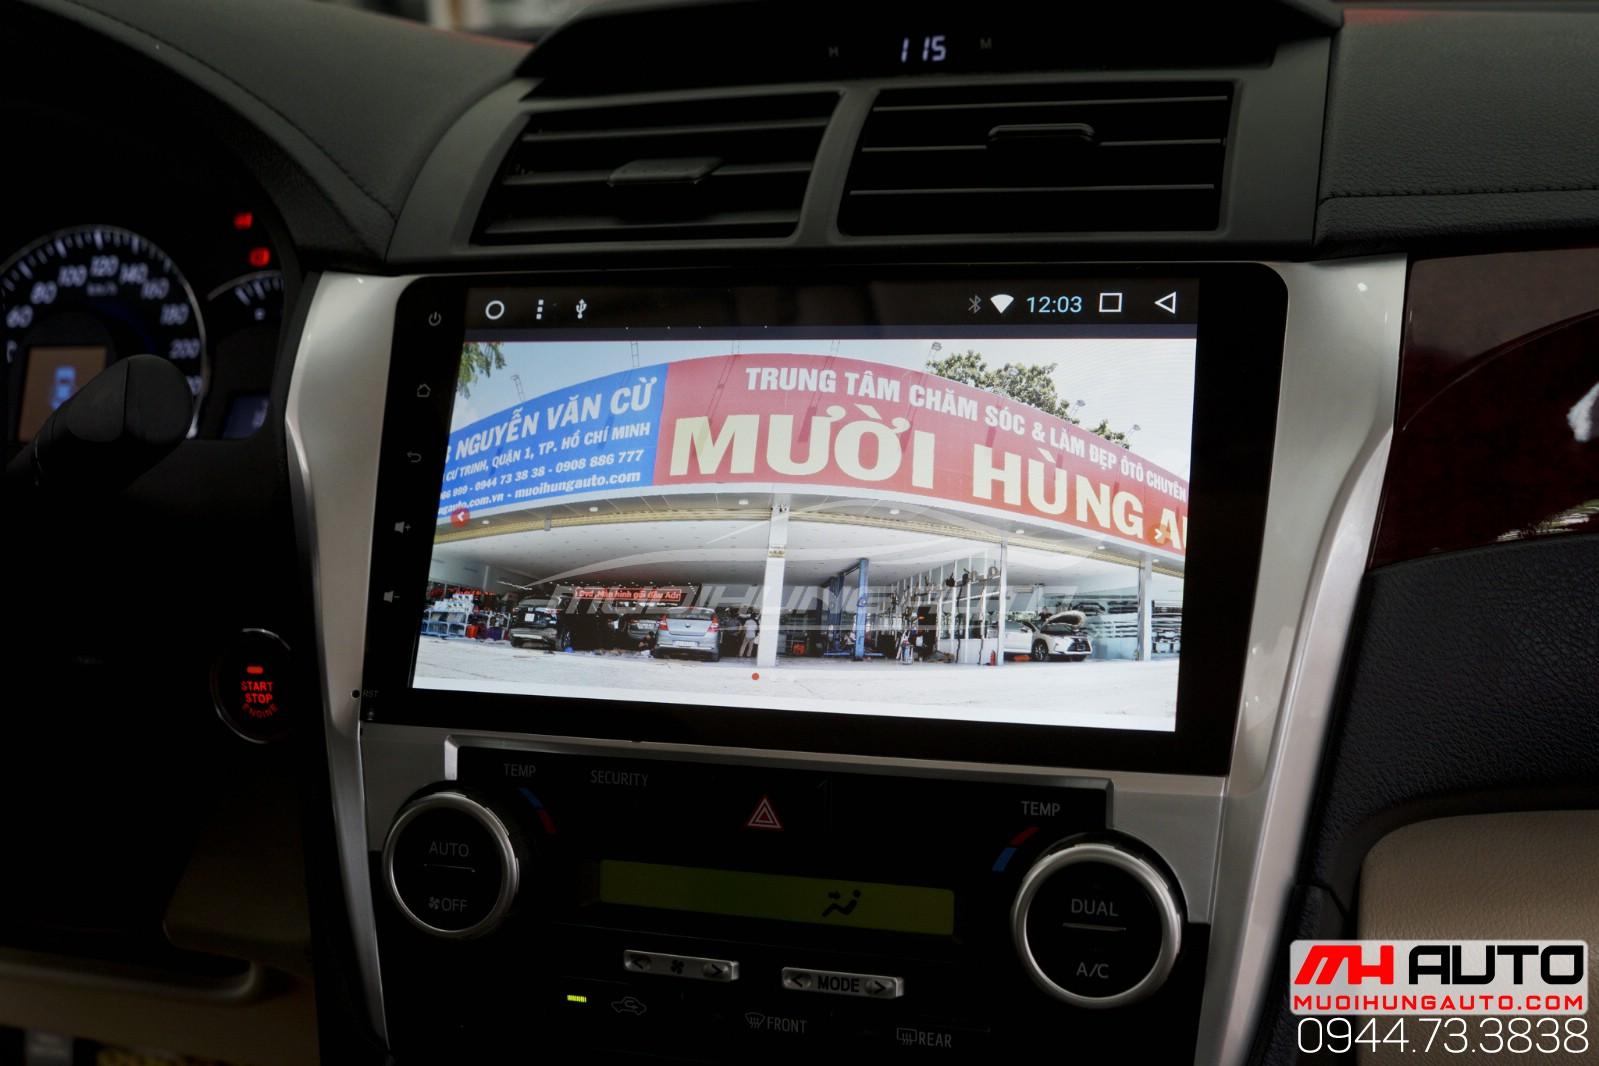 Màn hình DVD Android cho Camry đẹp siêu nét